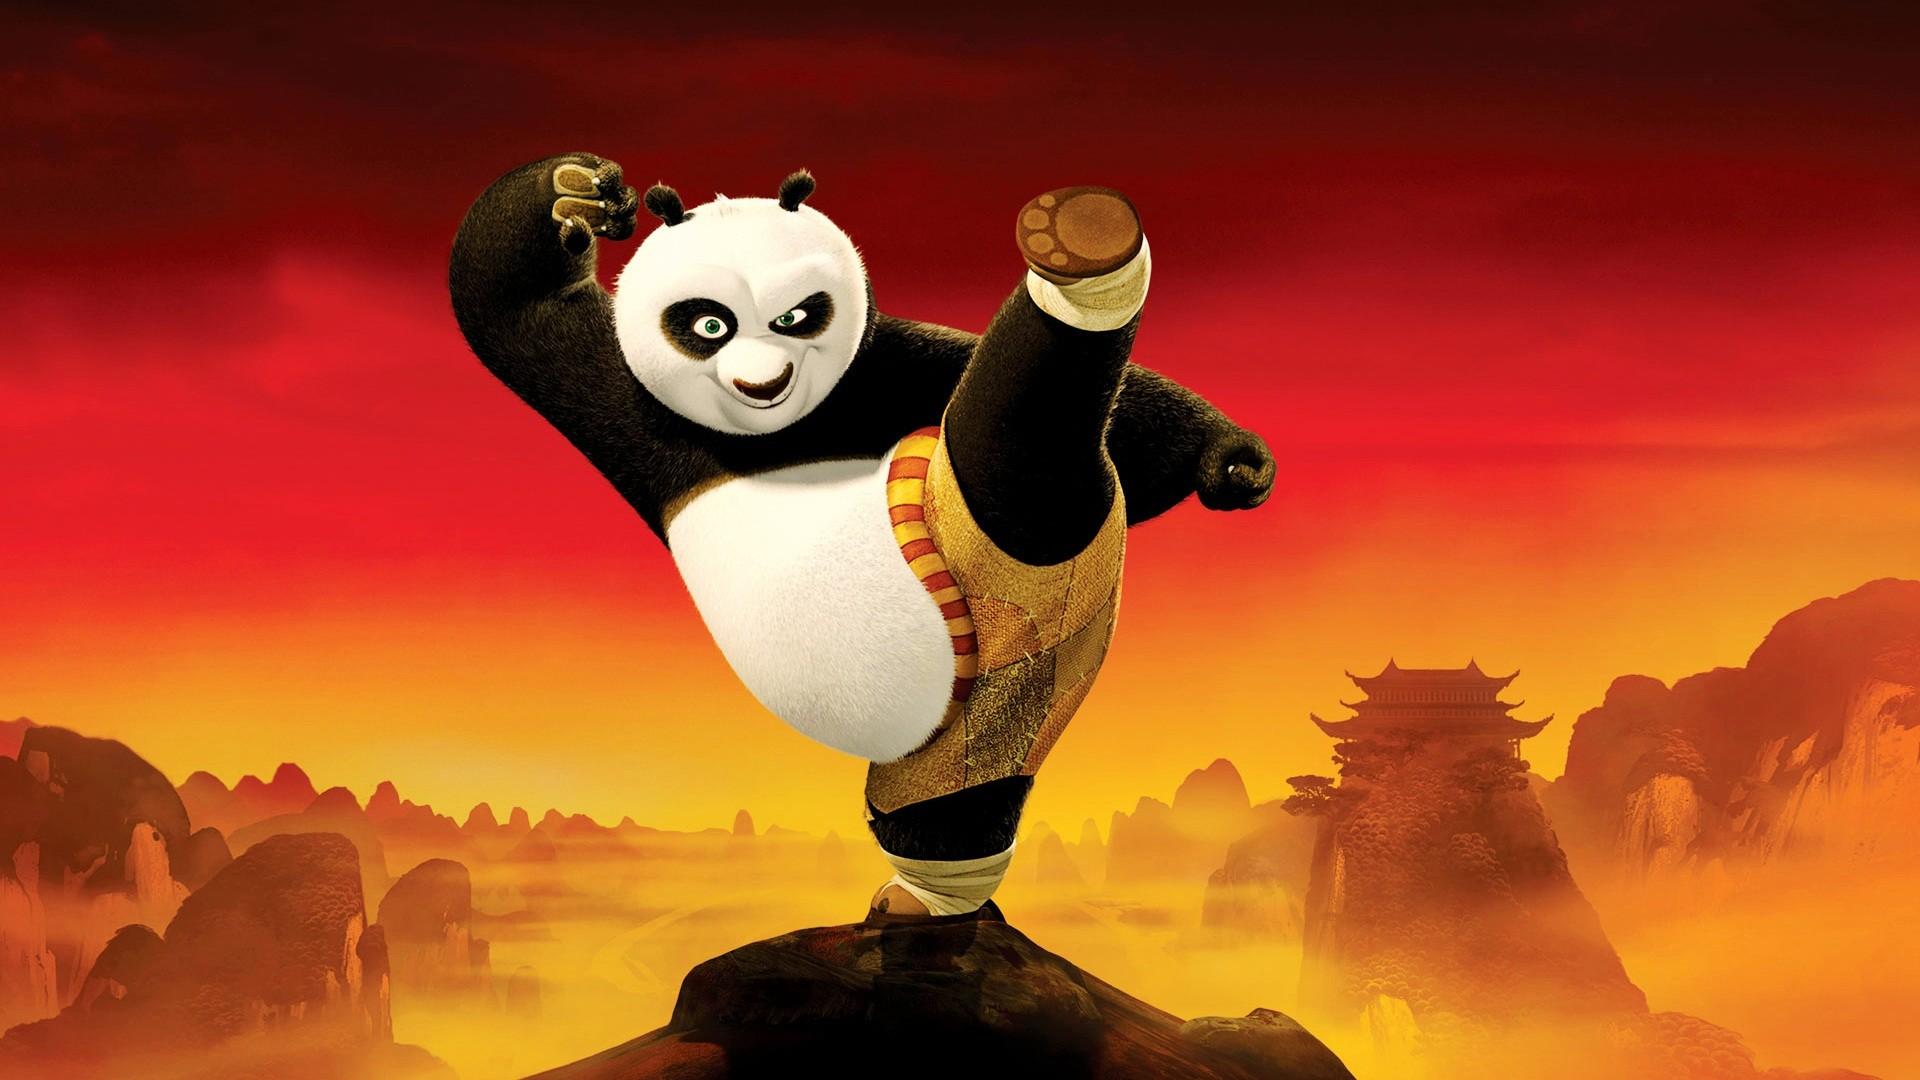 Res: 1920x1080, Tags: Panda ...